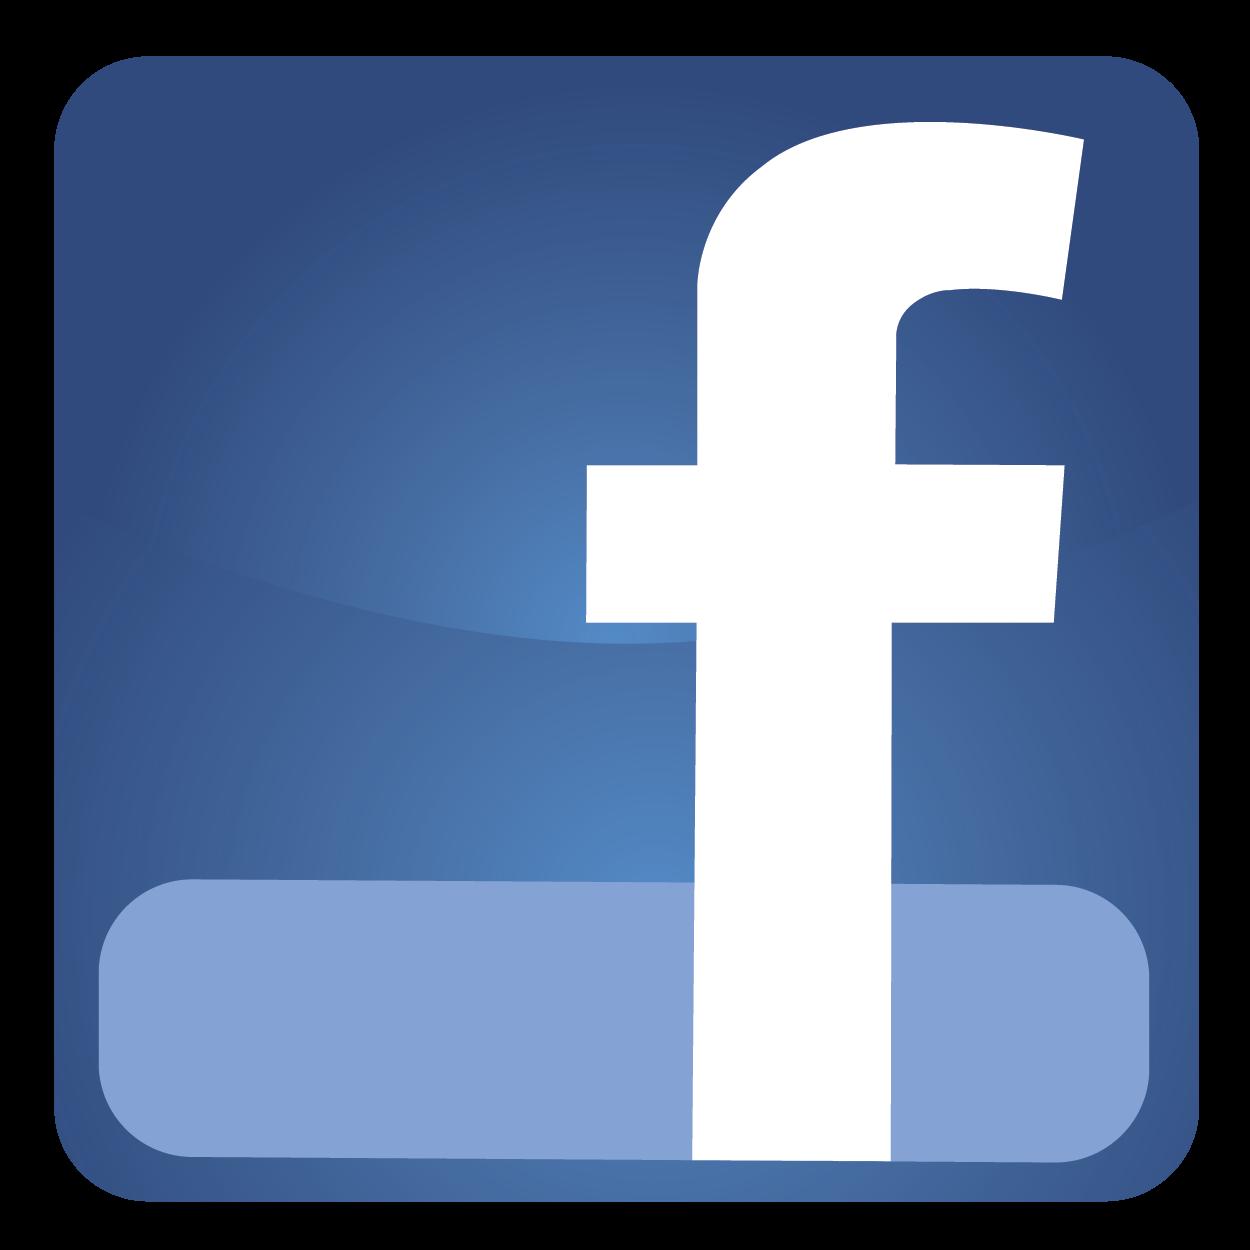 Facebook logo[1]